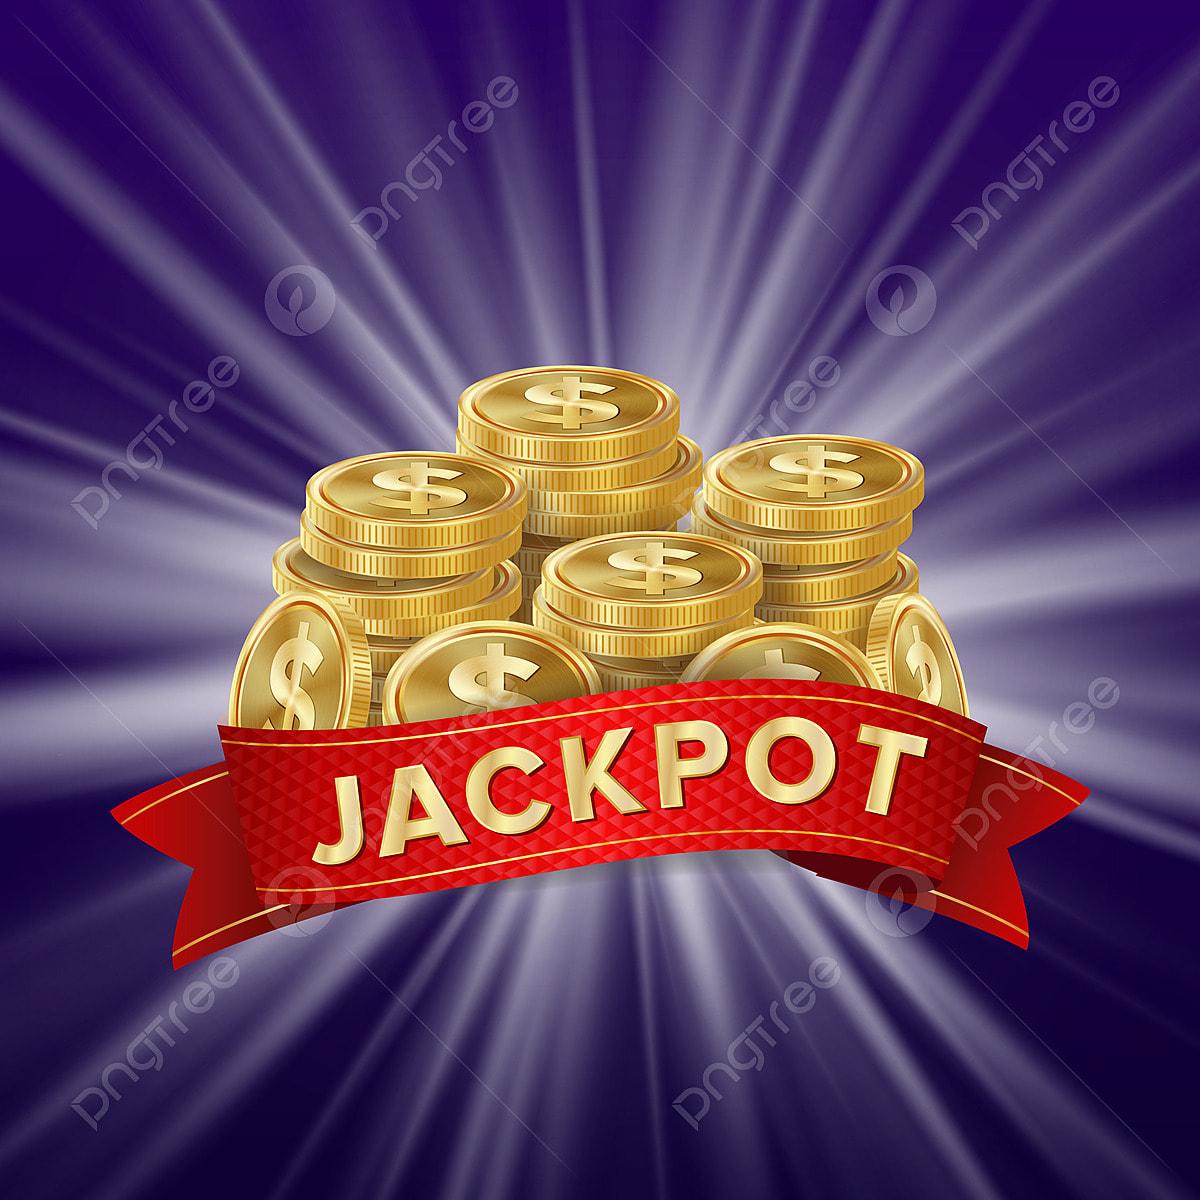 Jackpot Background Vector Golden Casino Treasure Big Win Banner